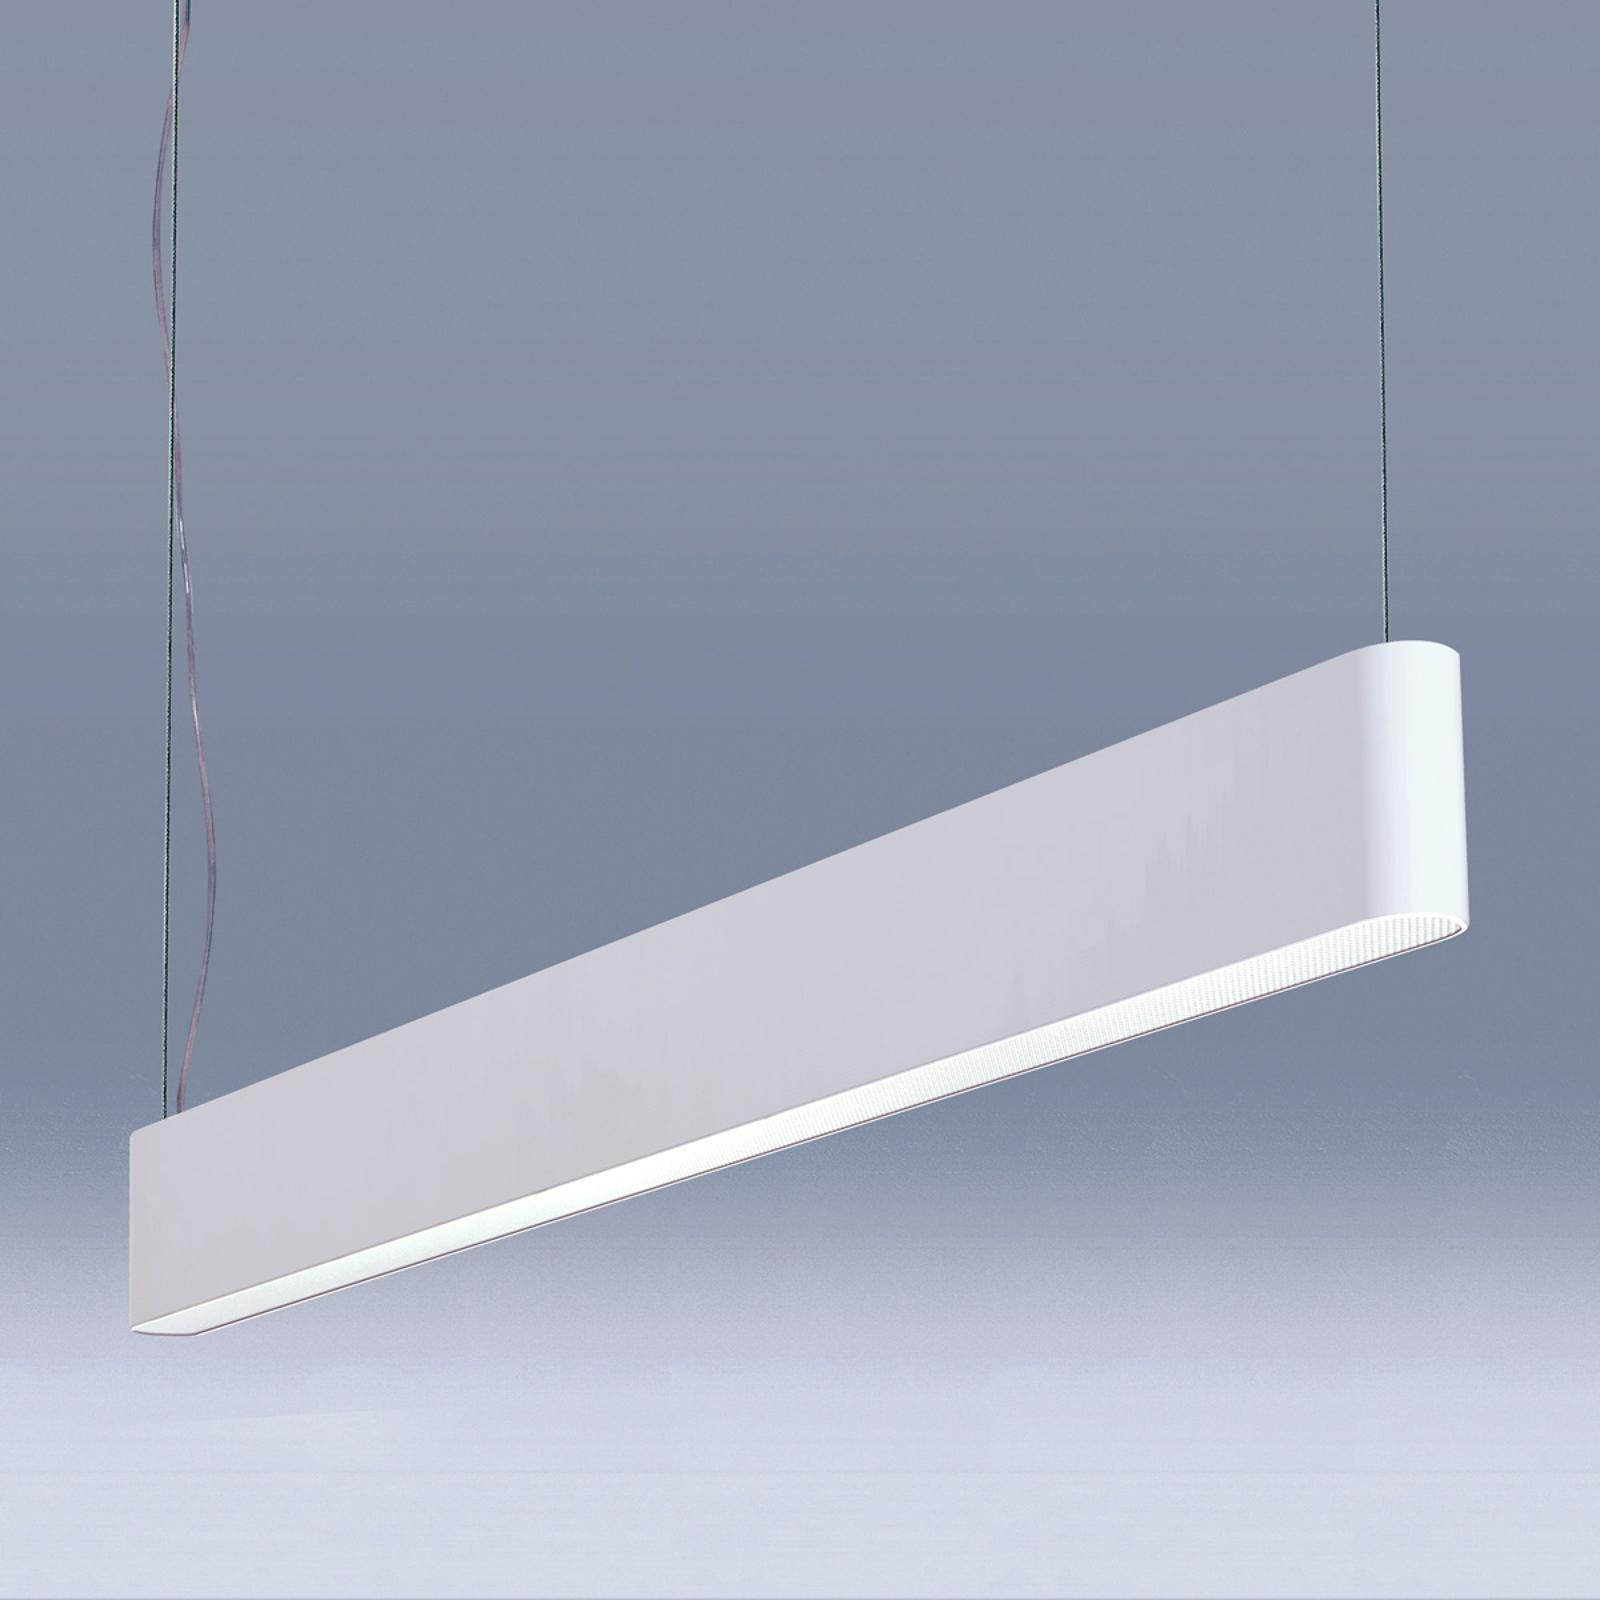 Biała lampa wisząca LED Caleo-P4, 118,2 cm, 62W